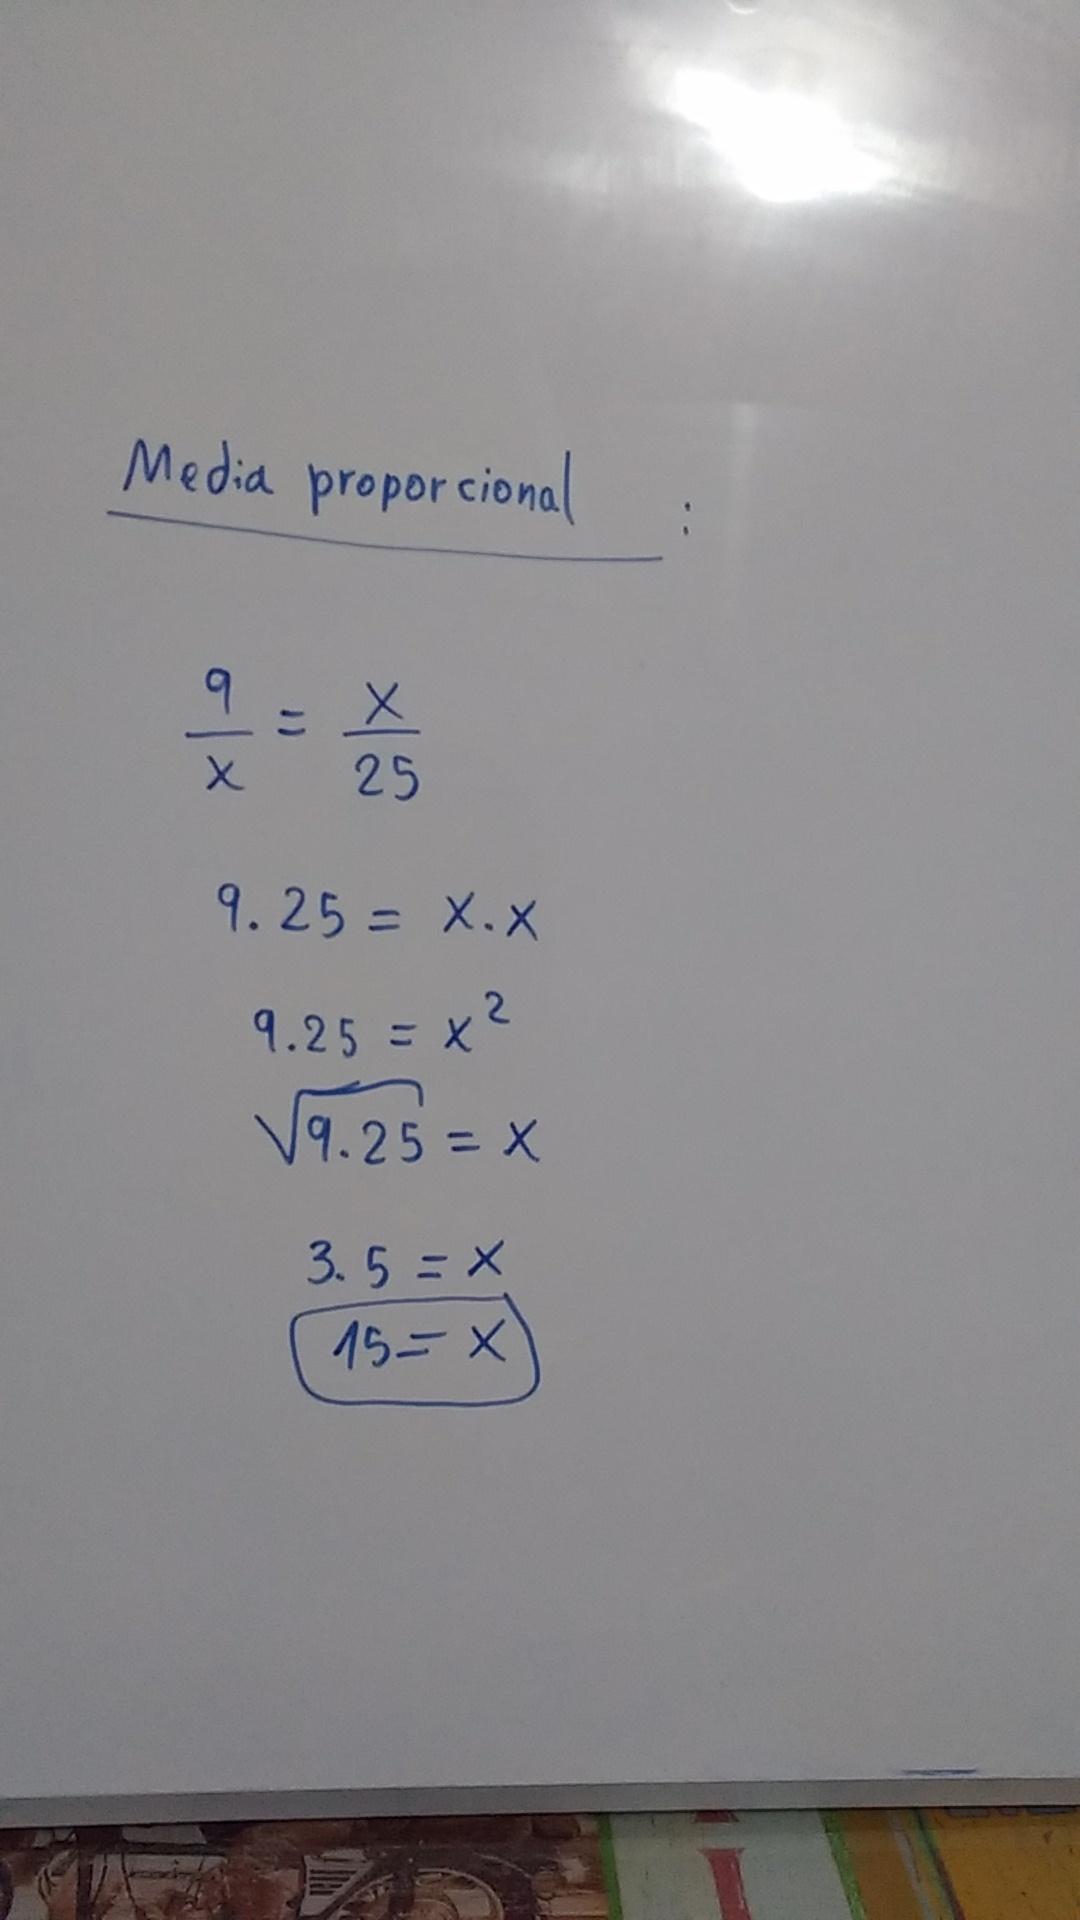 Determinar la media proporcional de 9 y 25 - Brainly.lat